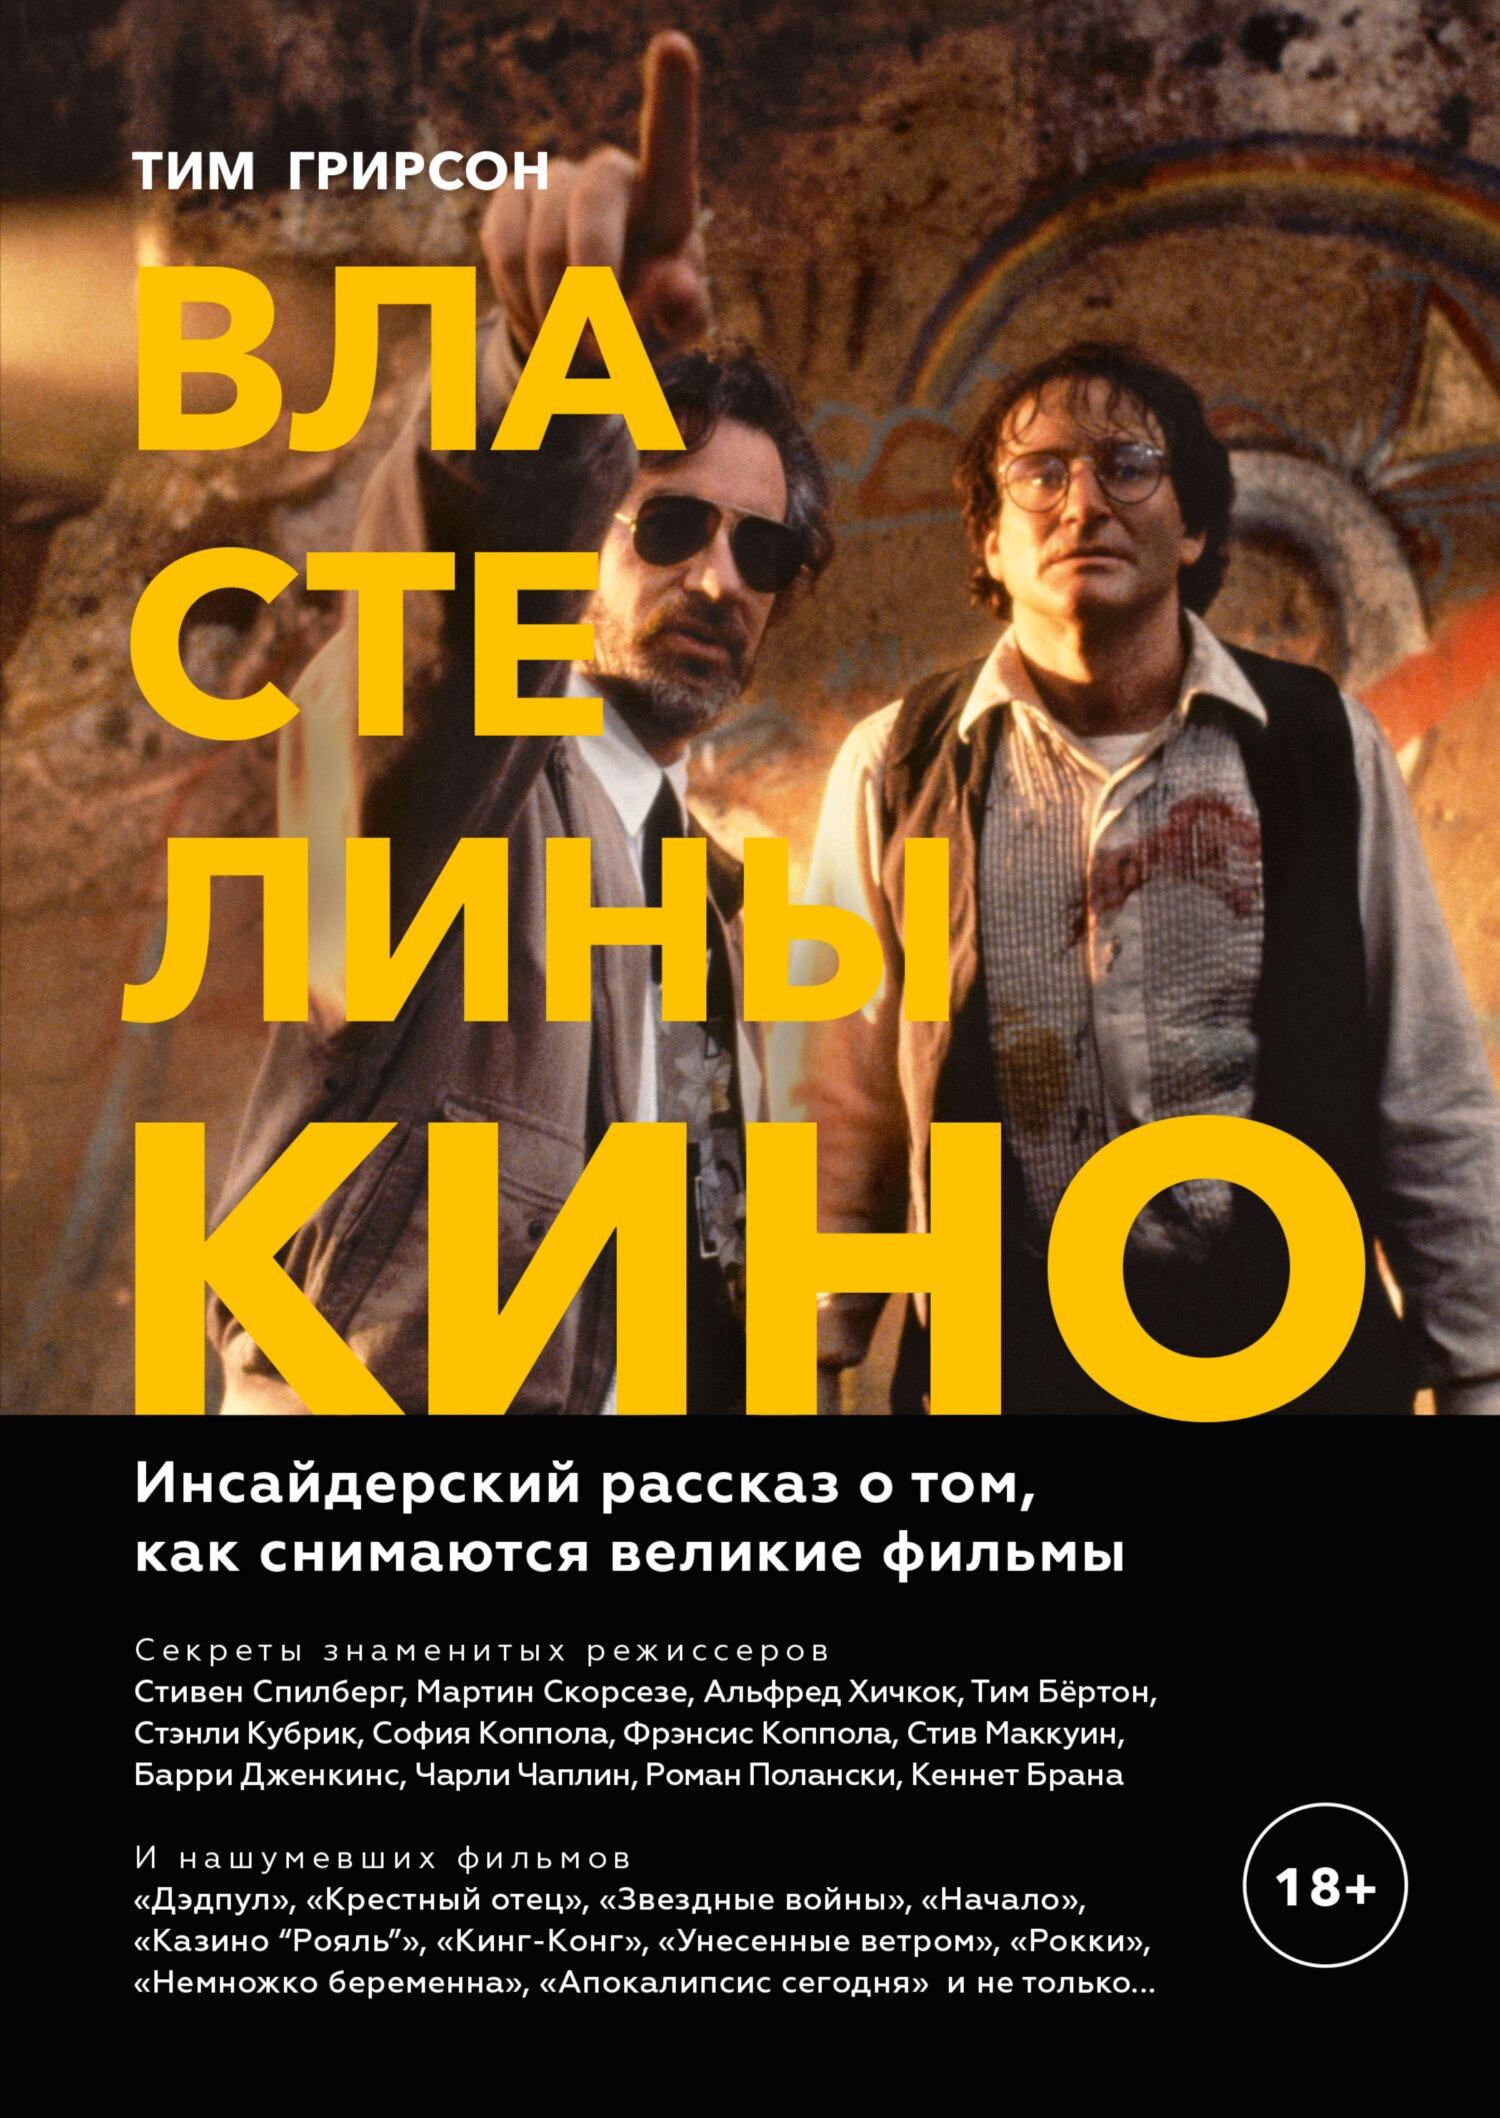 Скачать бесплатно Властелины кино